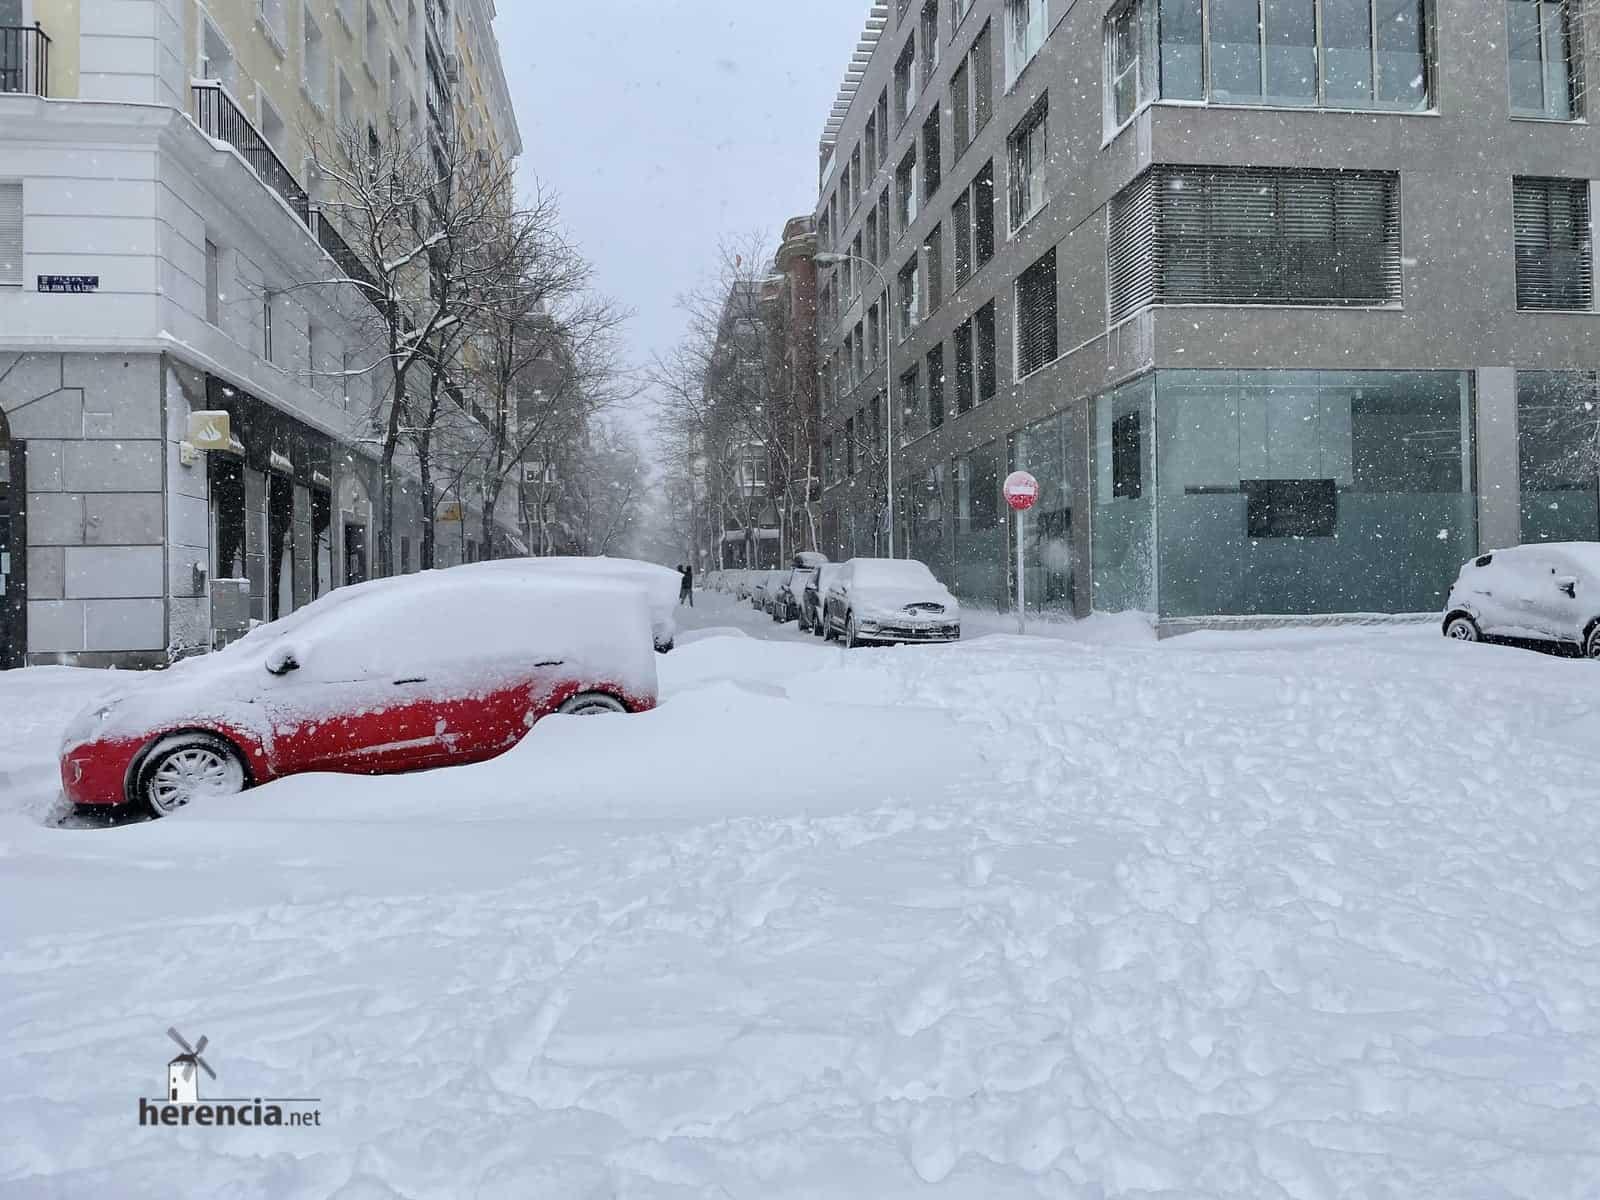 Fotografías de la nevada de enero en Madrid (España) 231